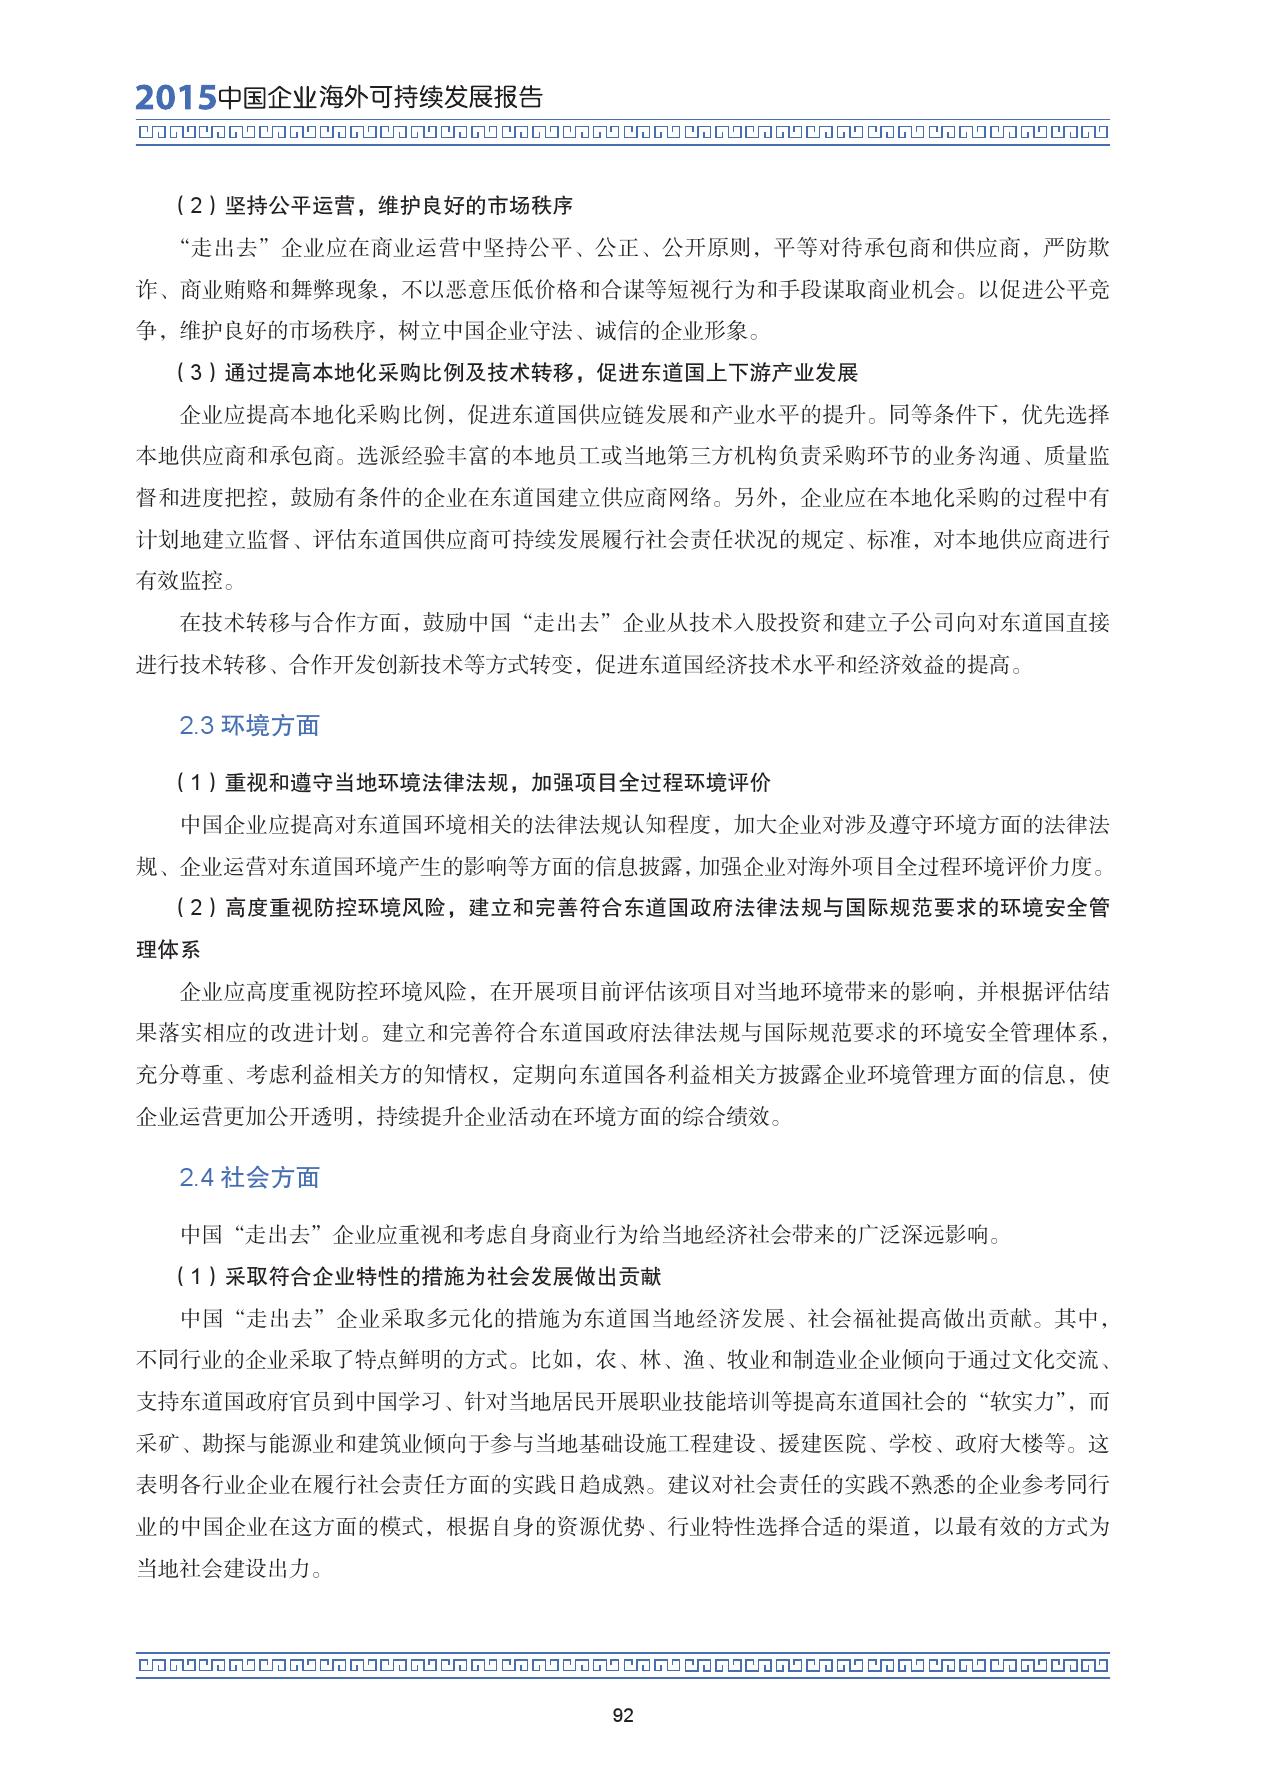 2015中国企业海外可持续发展报告_000106